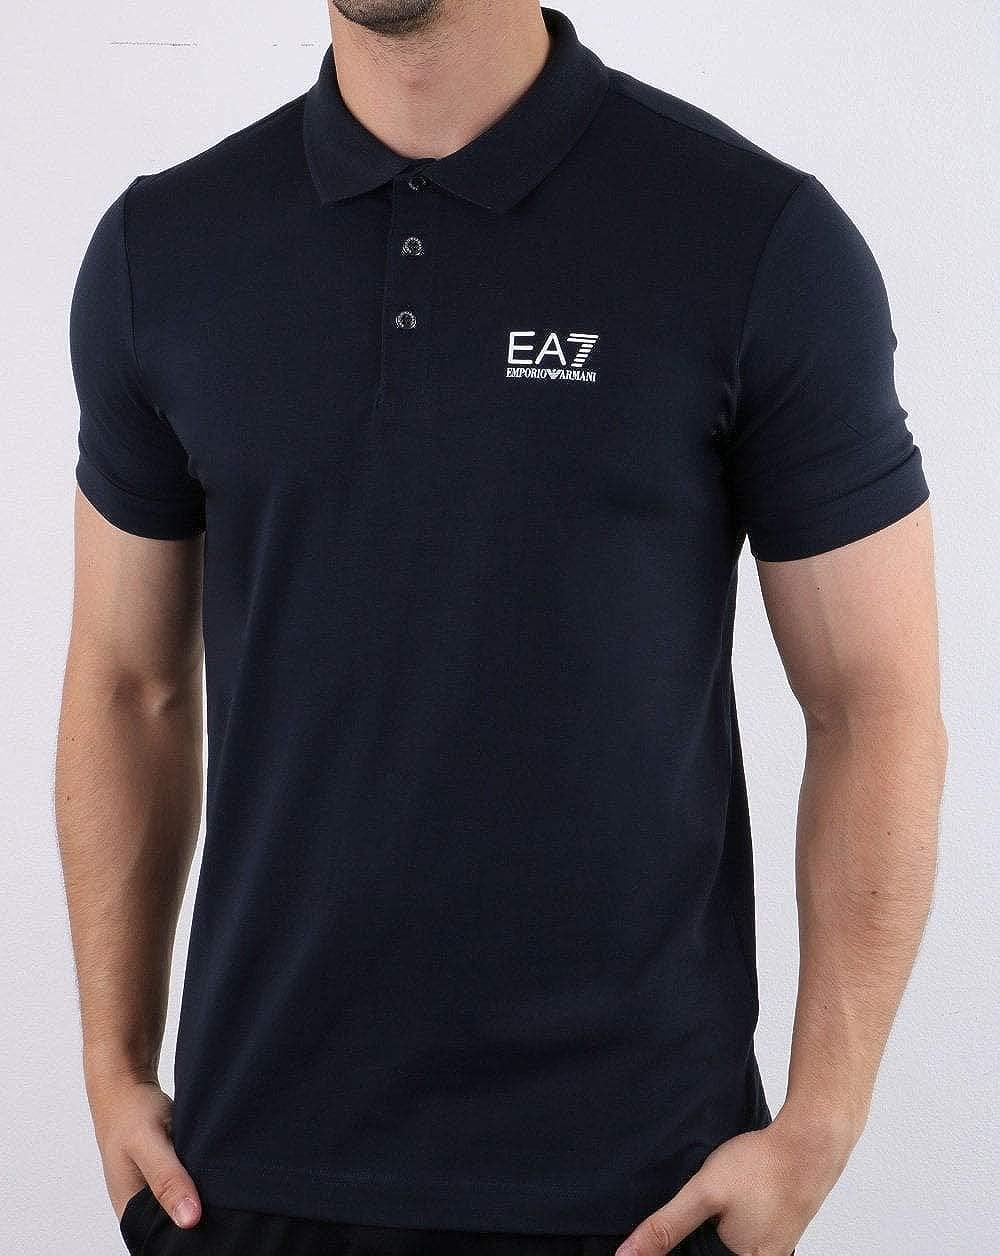 Emporio Armani EA7 Polo Shirt Dark Navy Azul S: Amazon.es: Ropa y ...